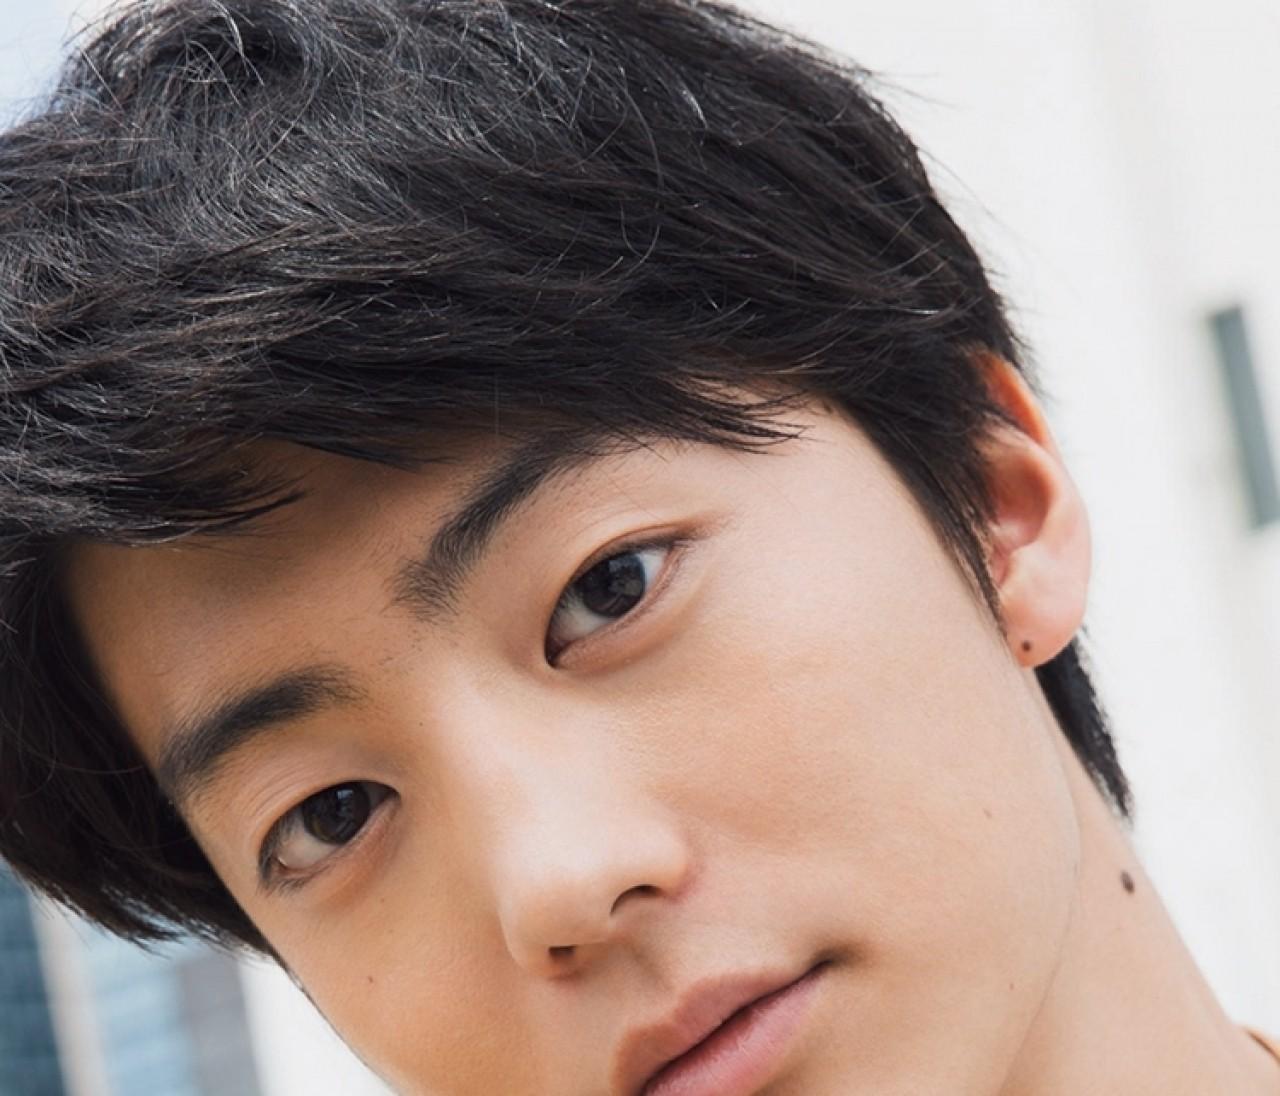 【俳優・伊藤健太郎インタビュー】自然体な最注目俳優の、その素顔